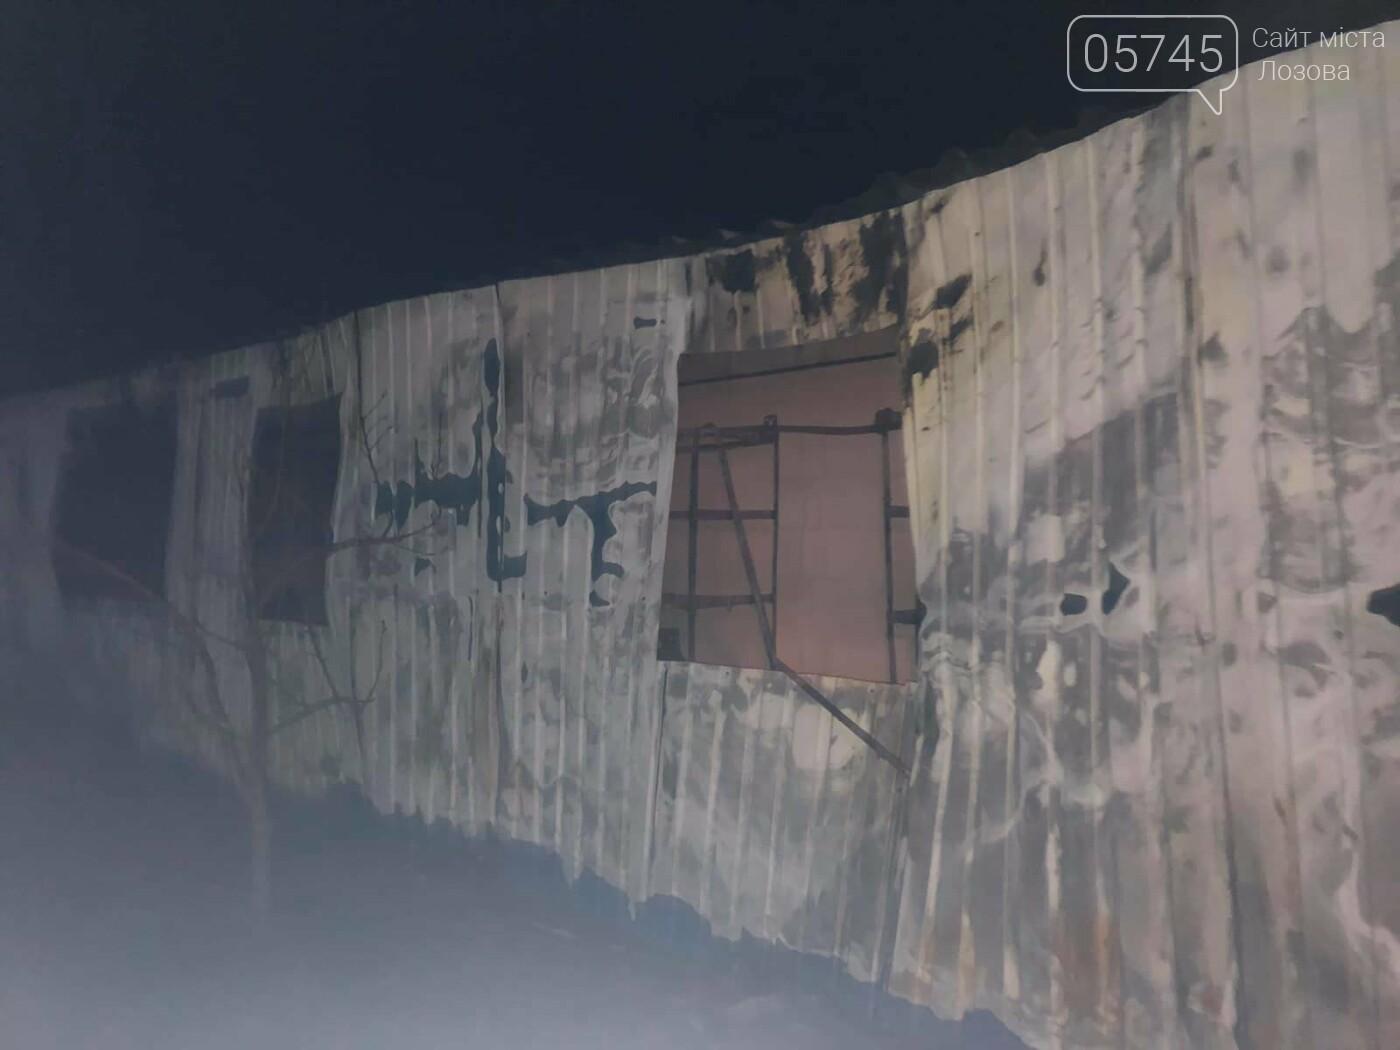 На Лозовщине горел склад фермерского хозяйства: от гибели спасли 150 коров, фото-6